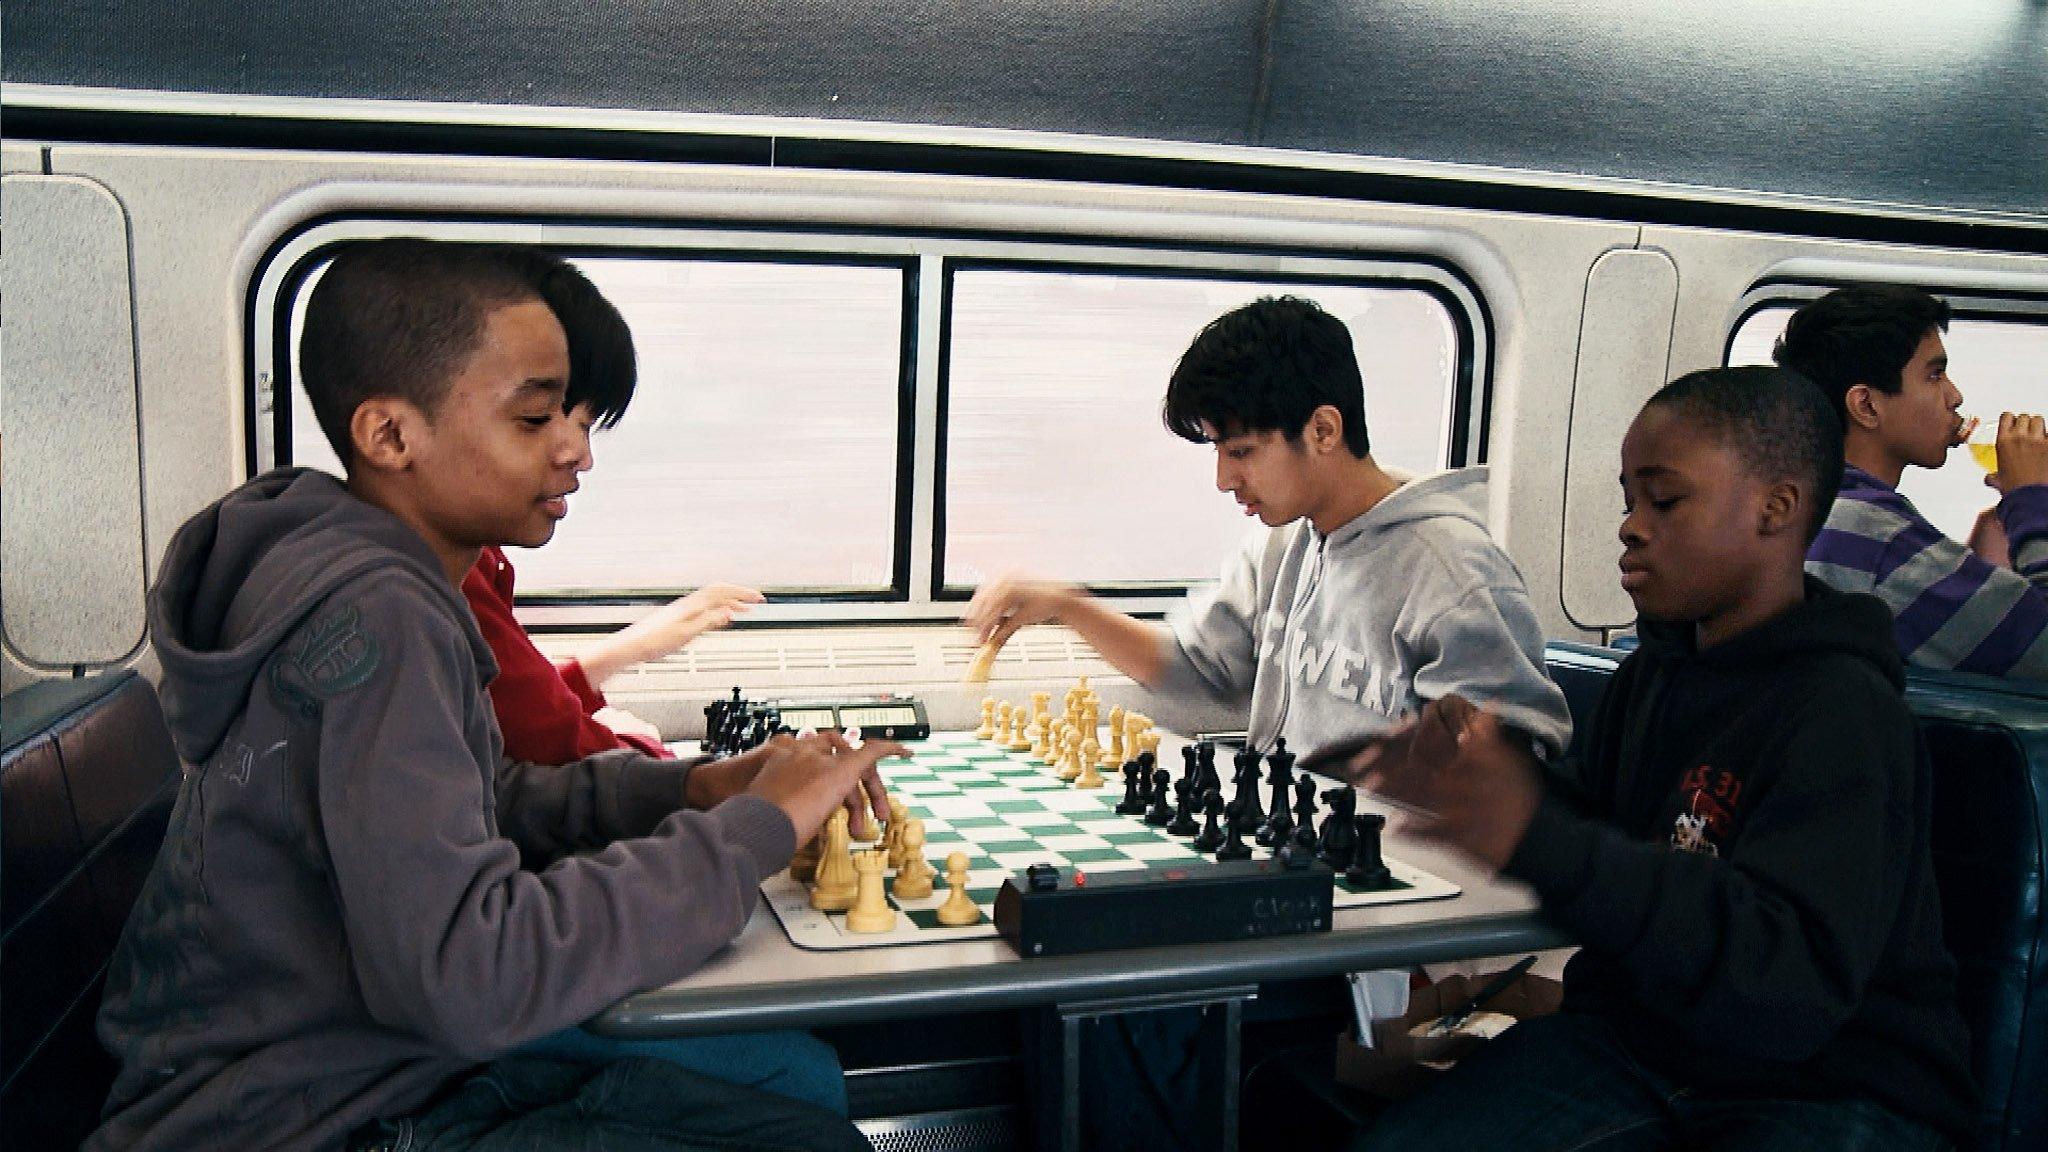 жертвуя пешкой шахматы выбор игры защита лужина бруклинский замок конец игры кино сериал статья отвратительные мужики